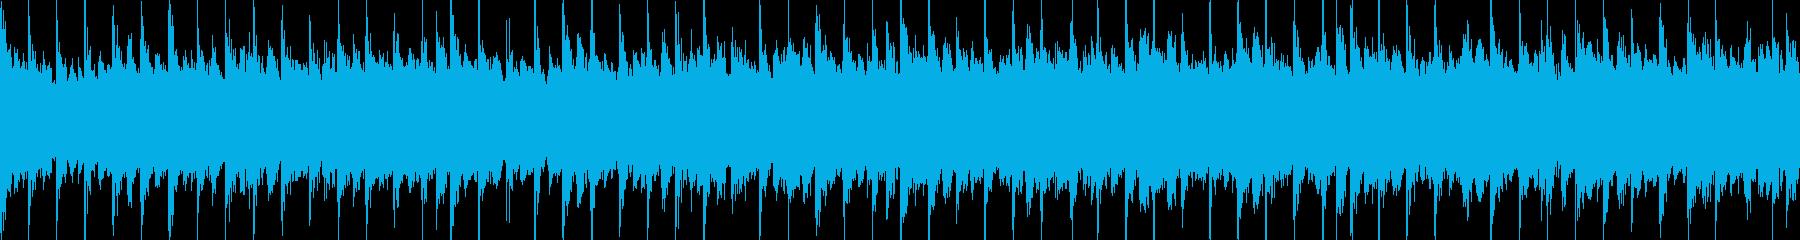 ループ版の再生済みの波形